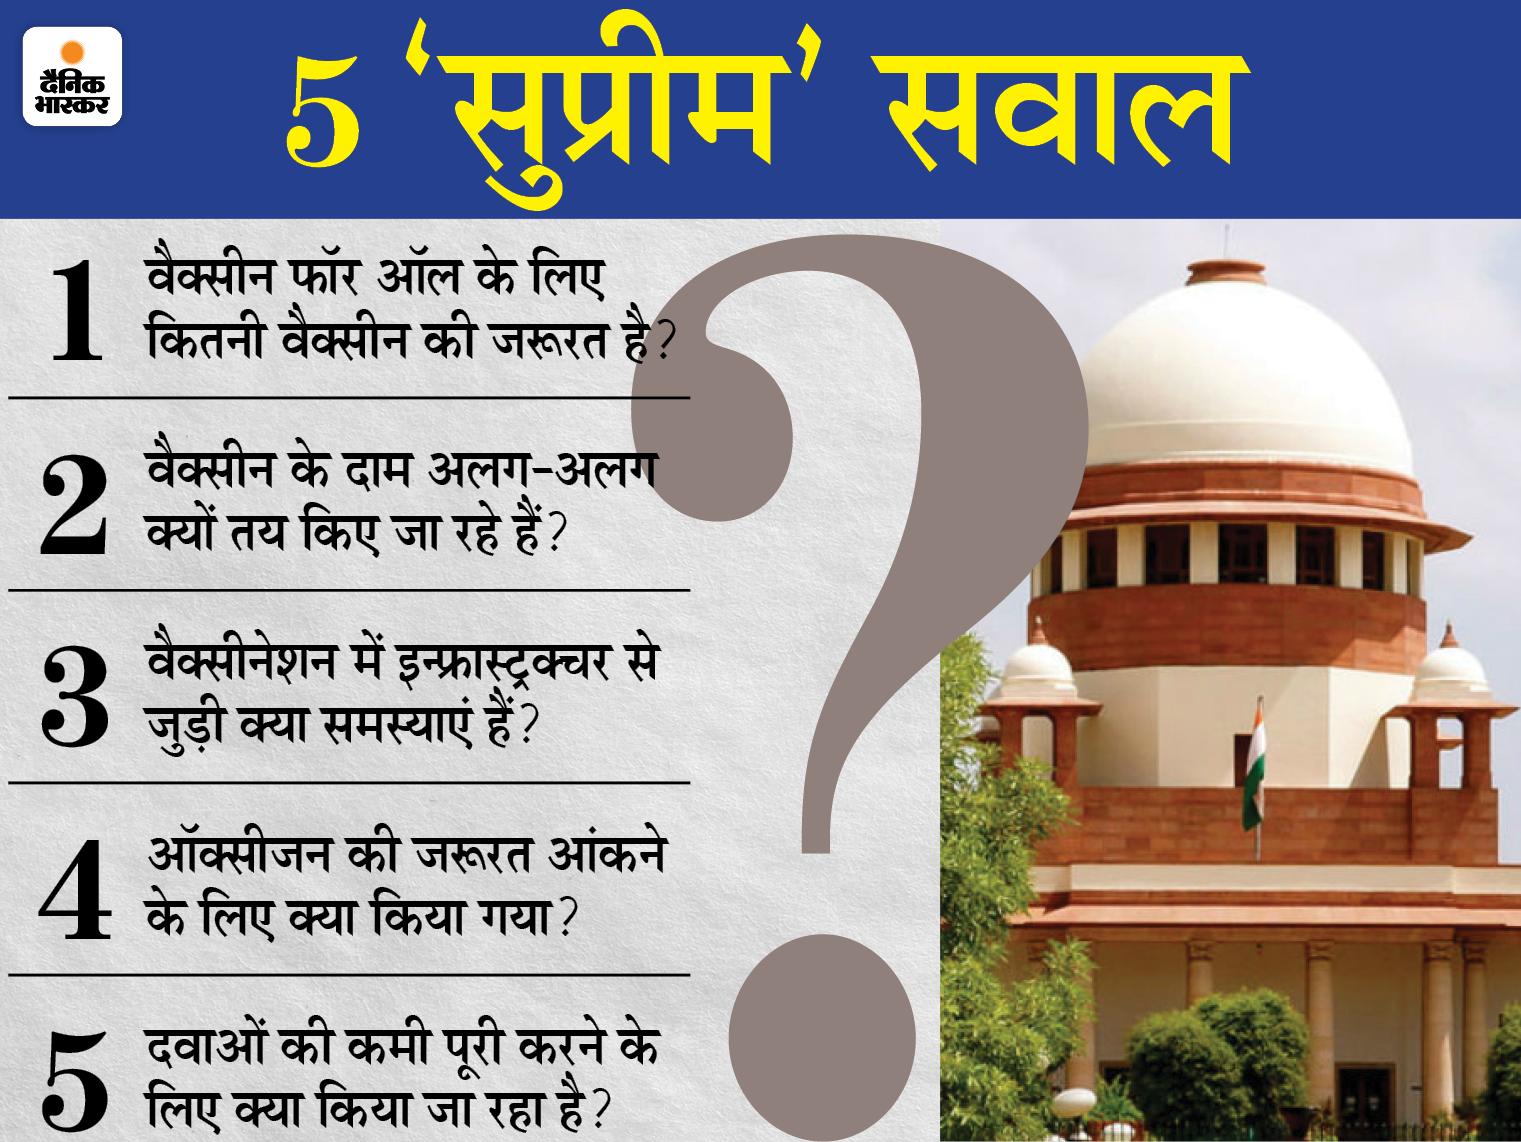 सुप्रीम कोर्ट का सरकार से सवाल- मौजूदा संकट पर नेशनल प्लान क्या है? क्या वैक्सीनेशन ही सबसे बड़ा विकल्प है? देश,National - Dainik Bhaskar